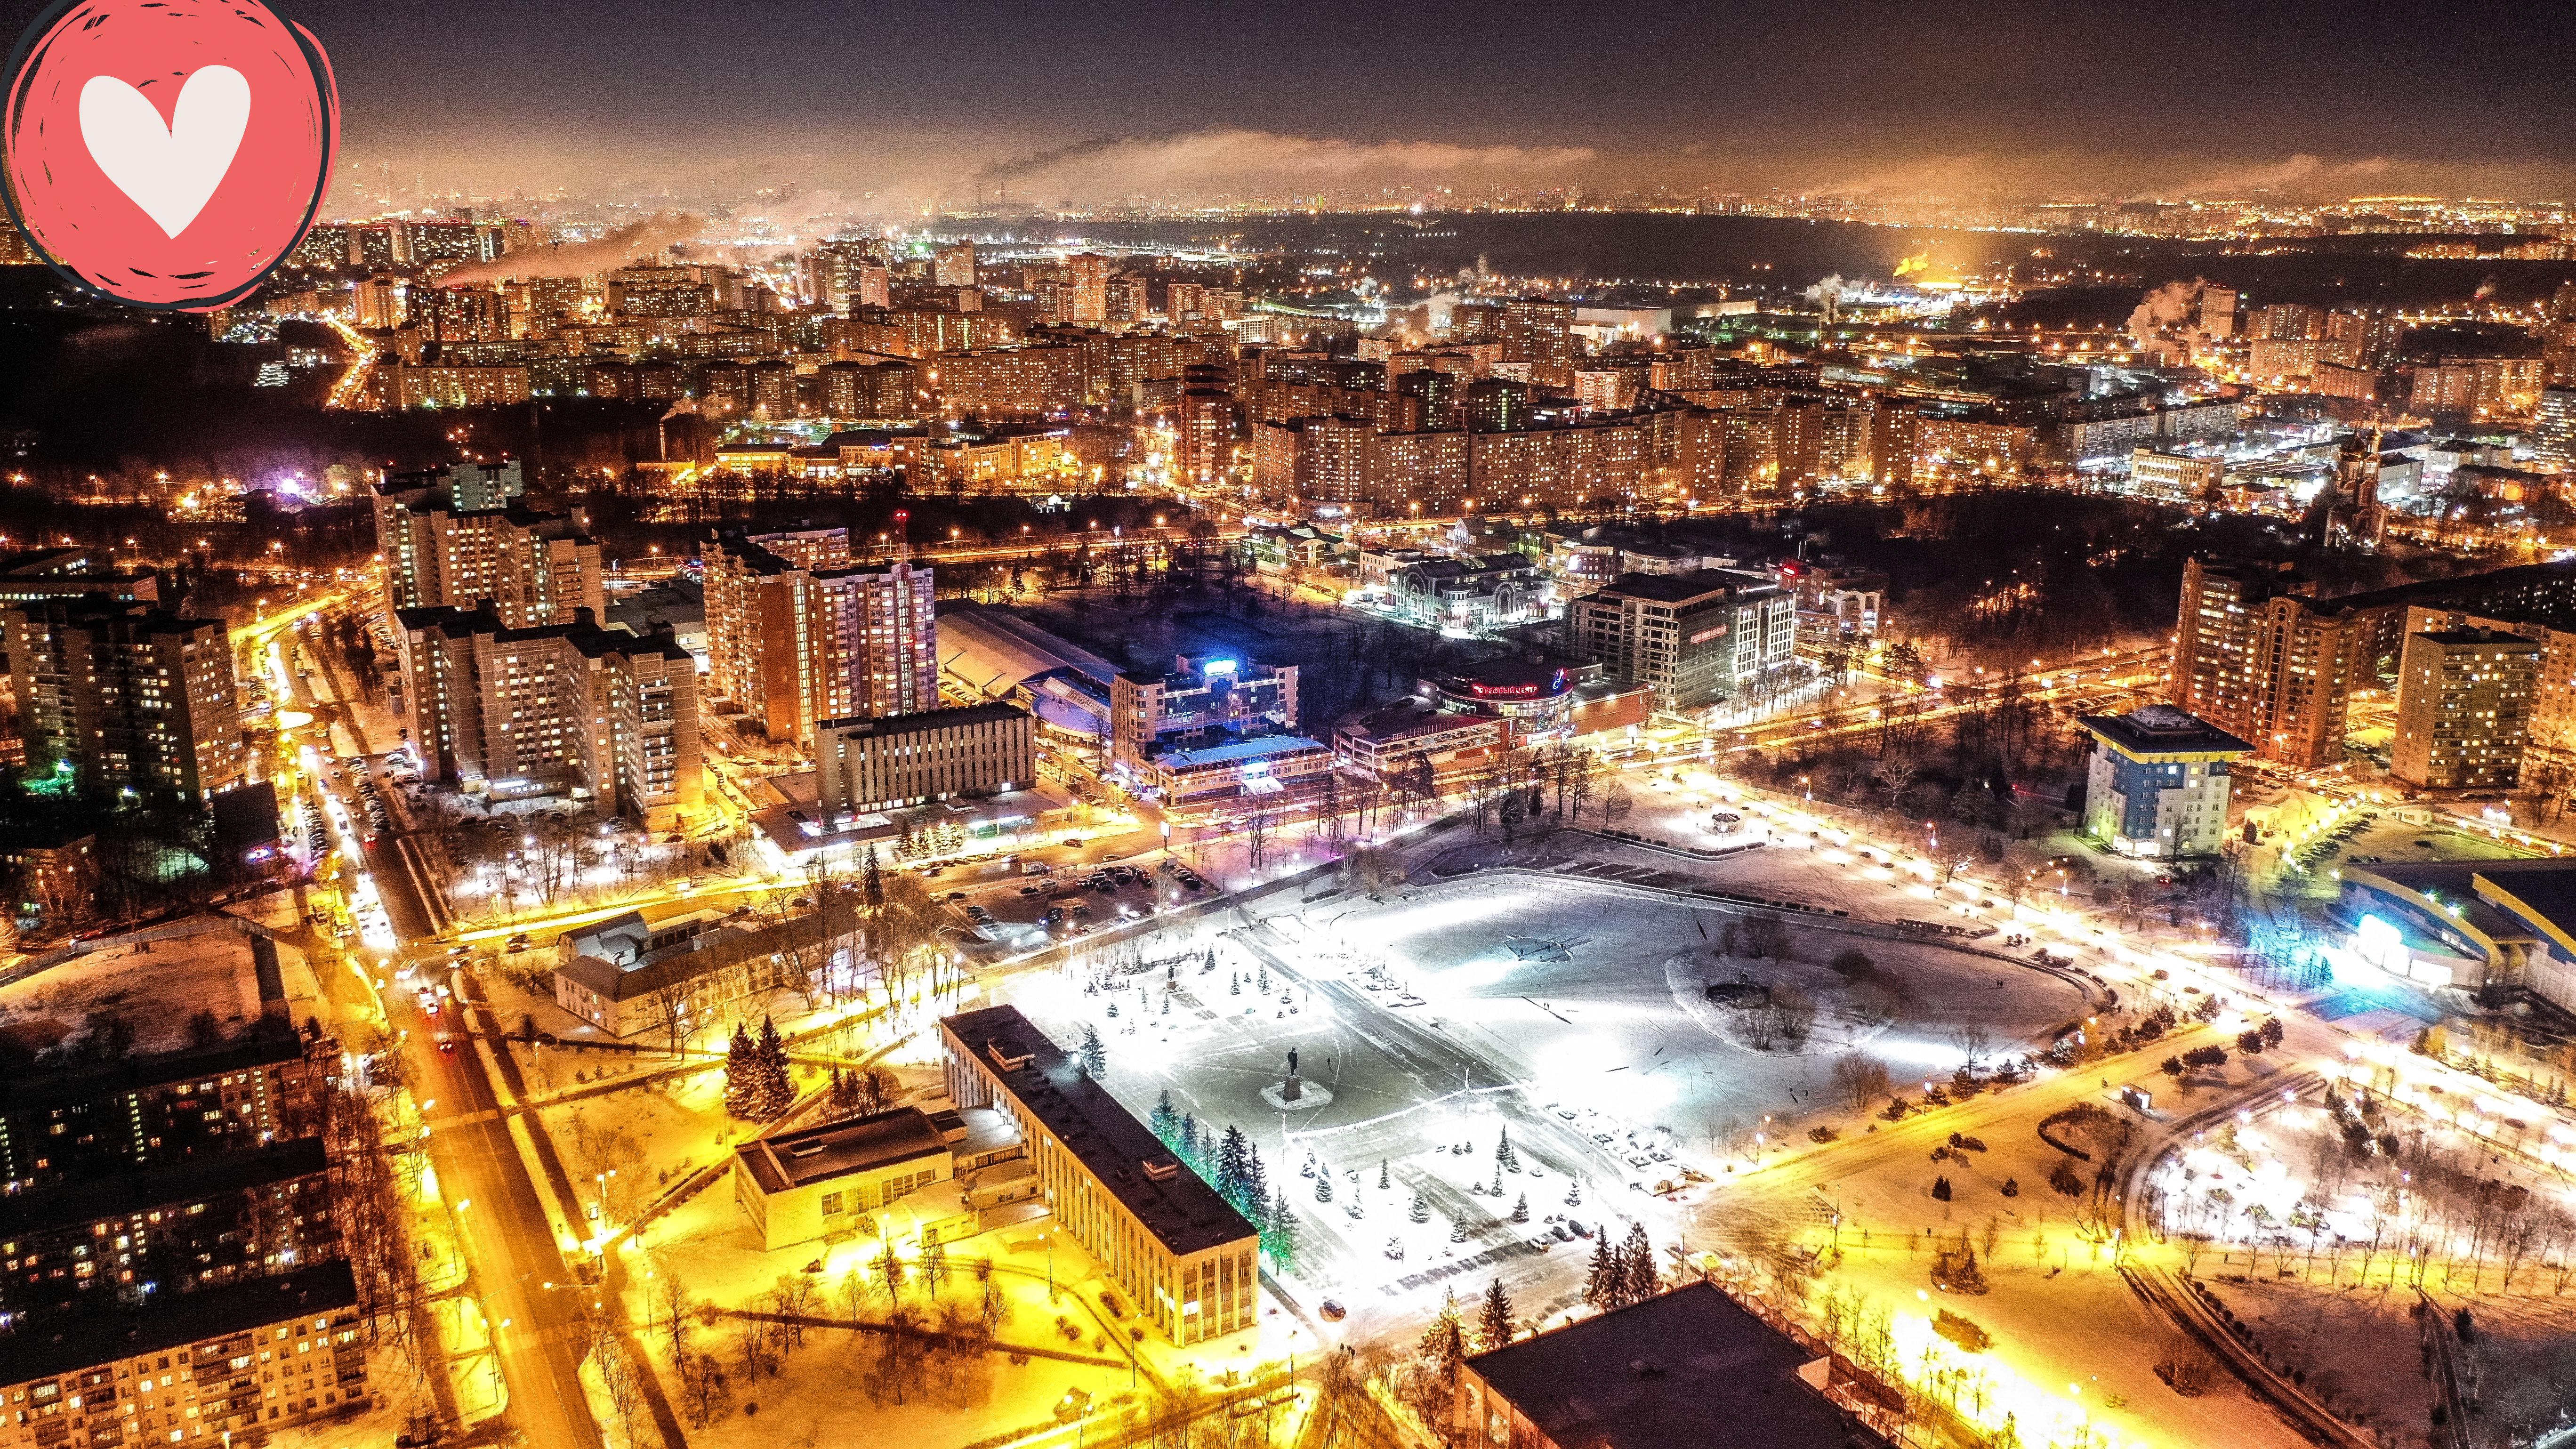 хозяева город одинцово московская обл фотографии муниципальное образование городское